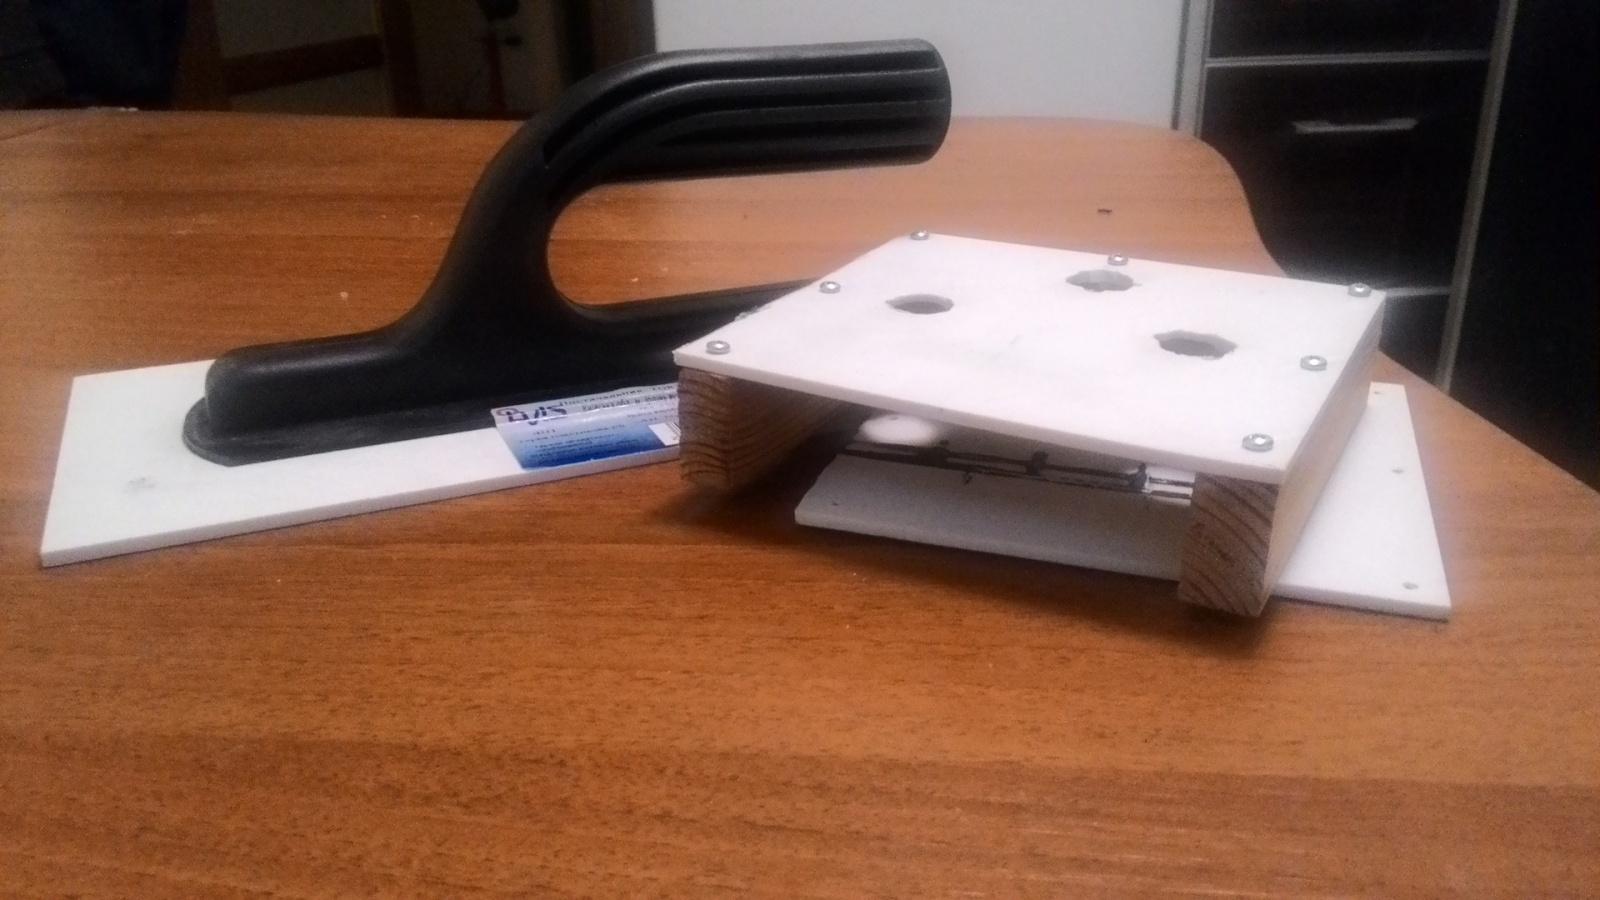 Извращенный подход к использованию мыши при создании тифлоплеера - 3